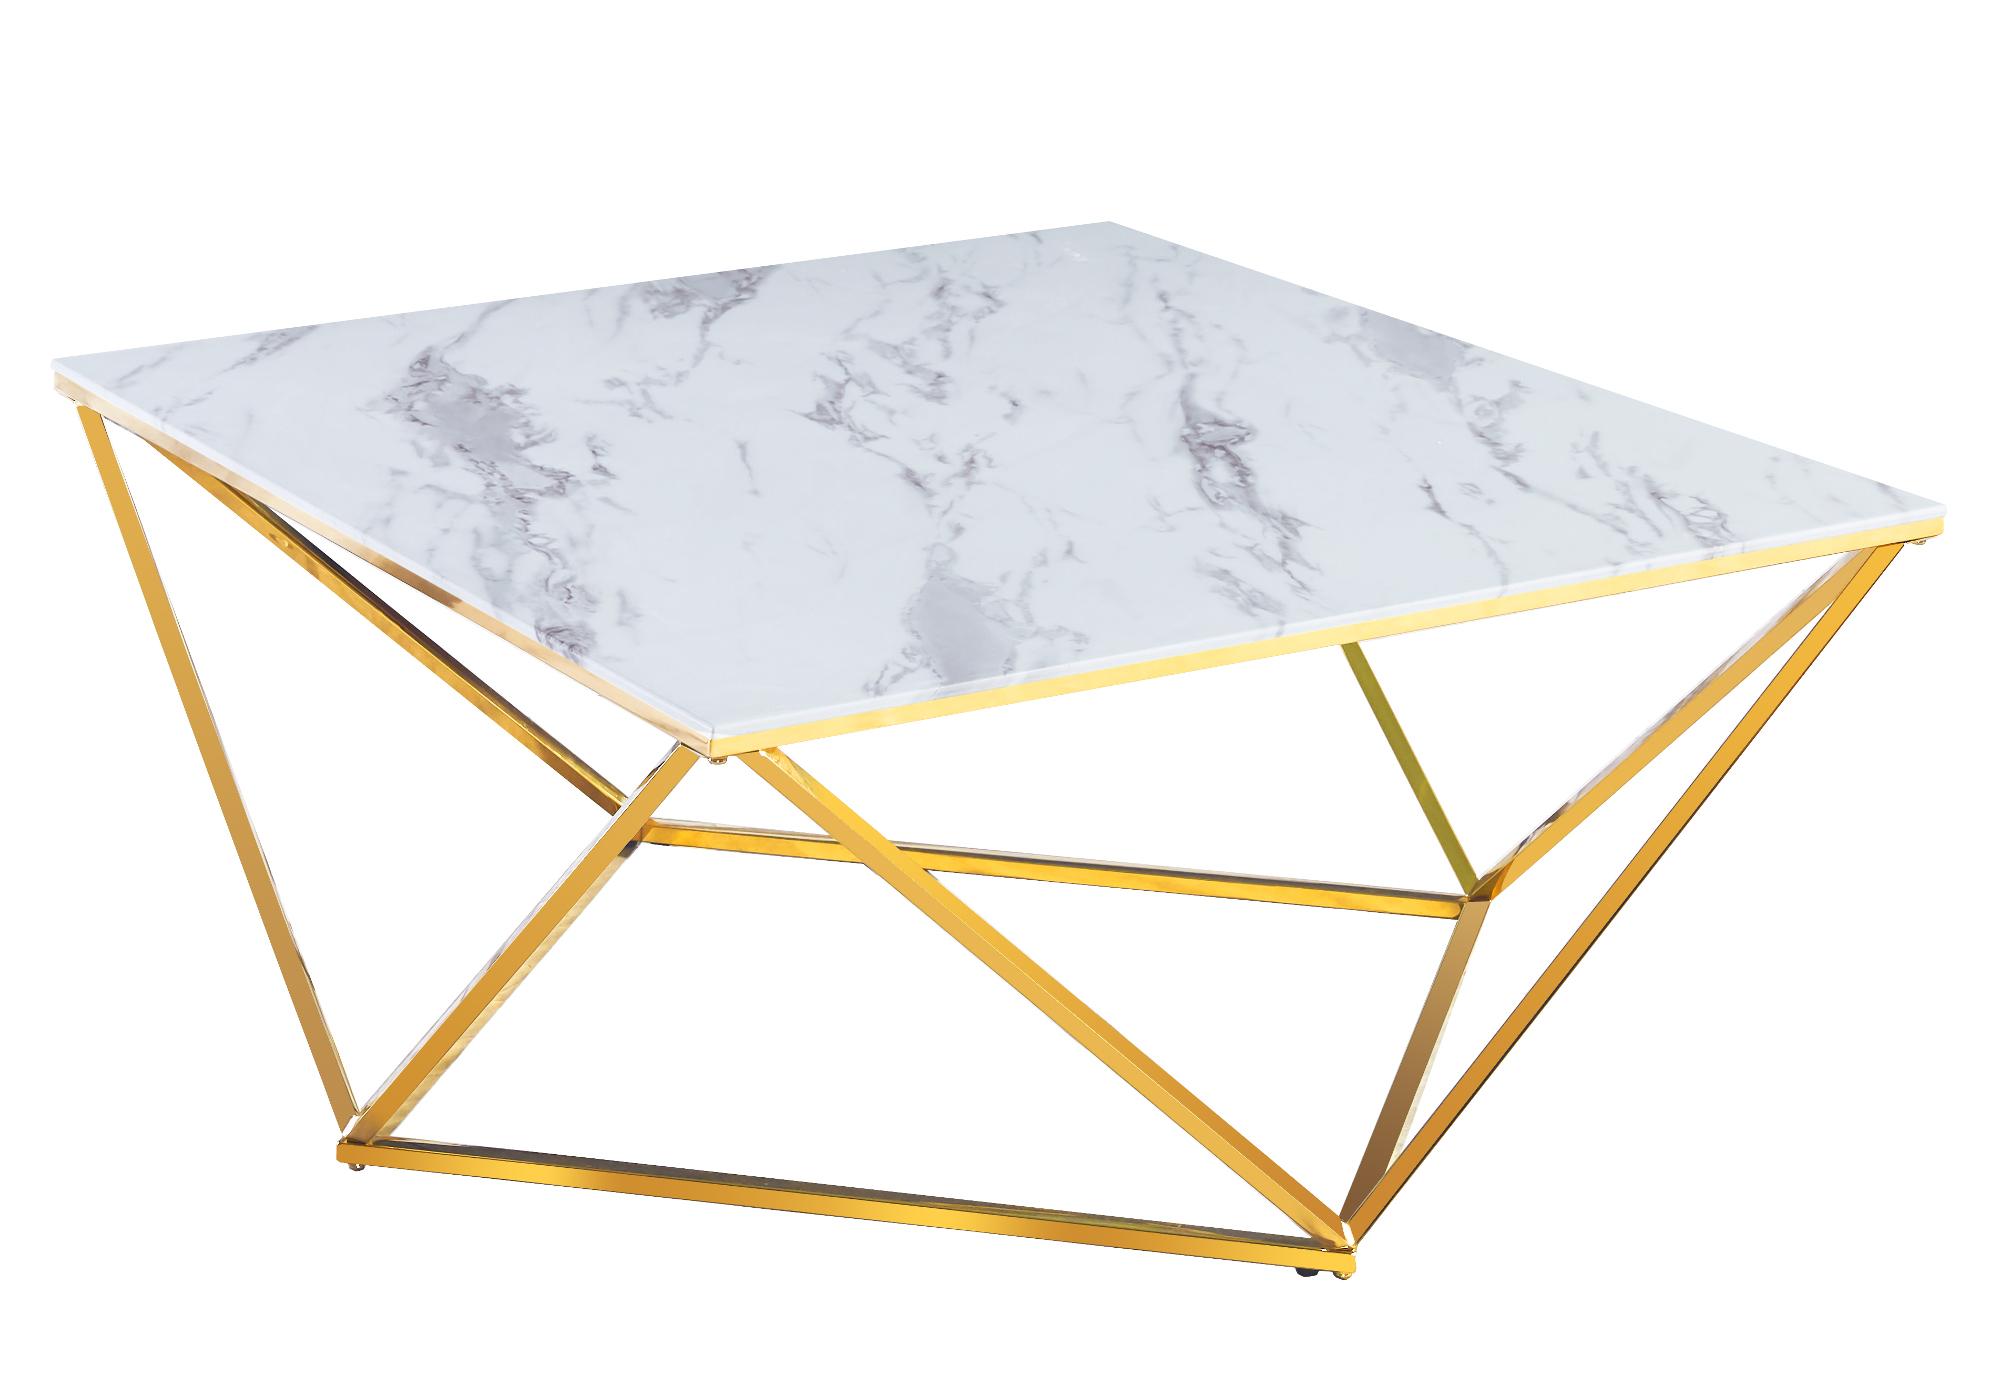 Table basse carré doré marbre blanc ILÉA